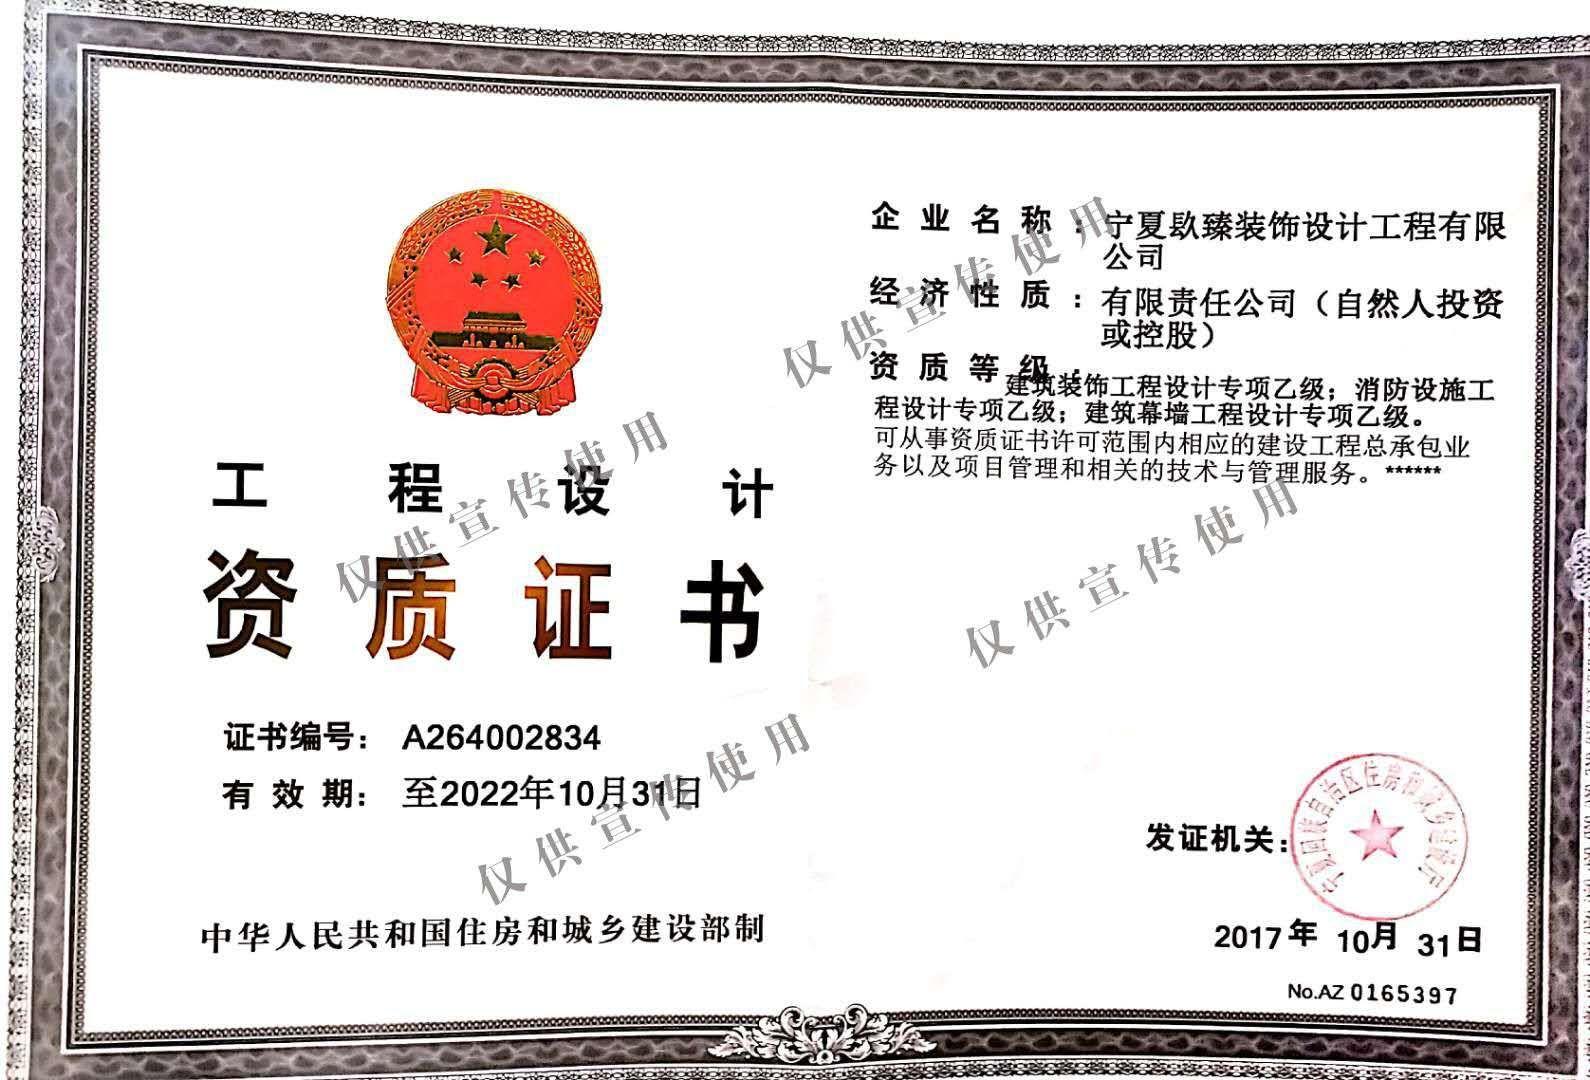 乐fun88消防图纸fun88官网真人体育|乐fun88消防报审